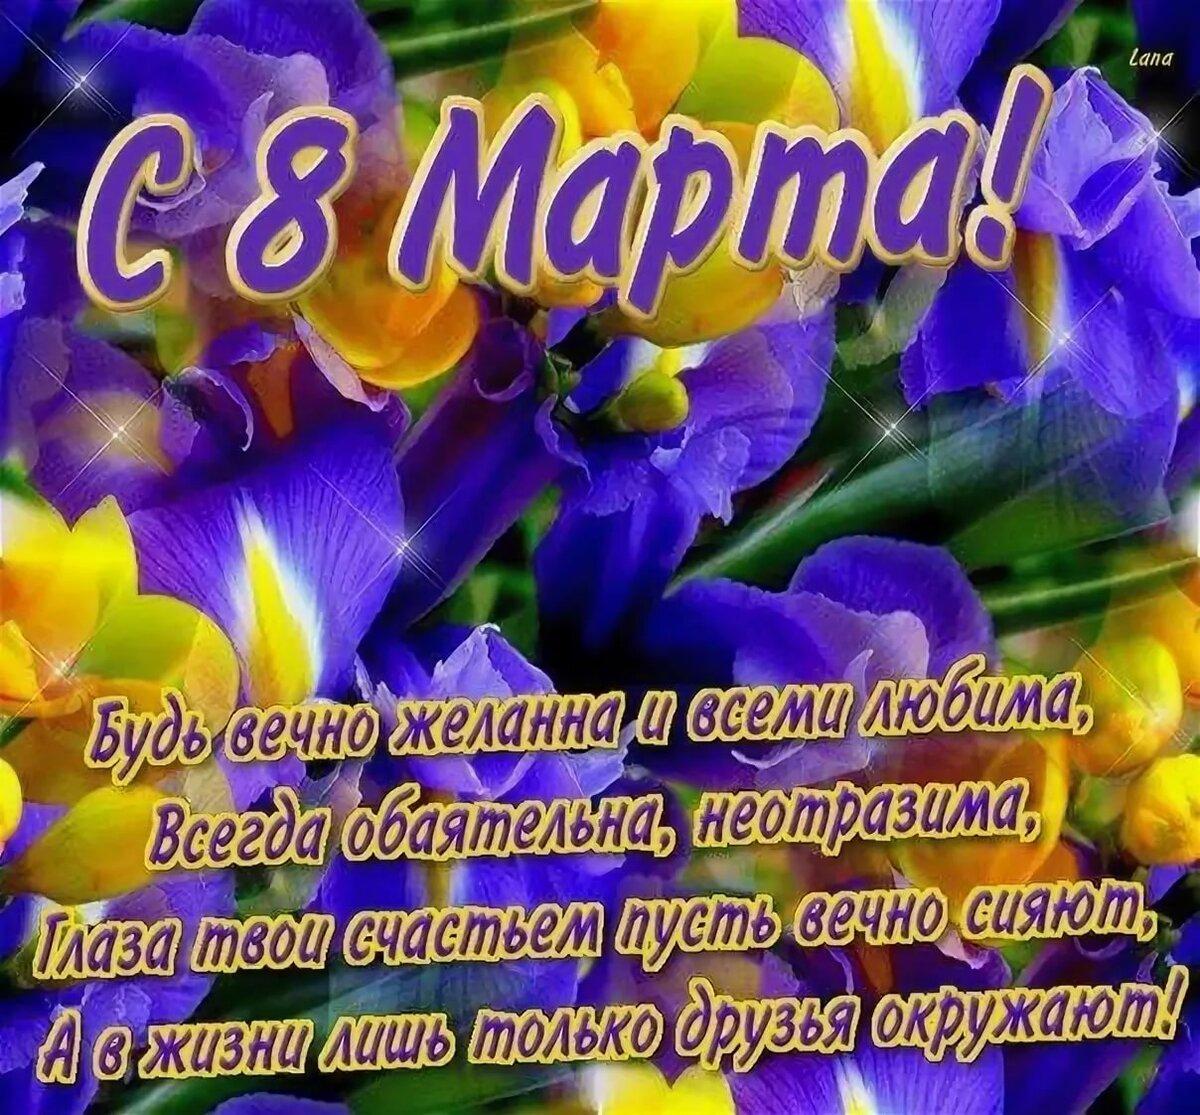 Поздравление для друга на 8 марта